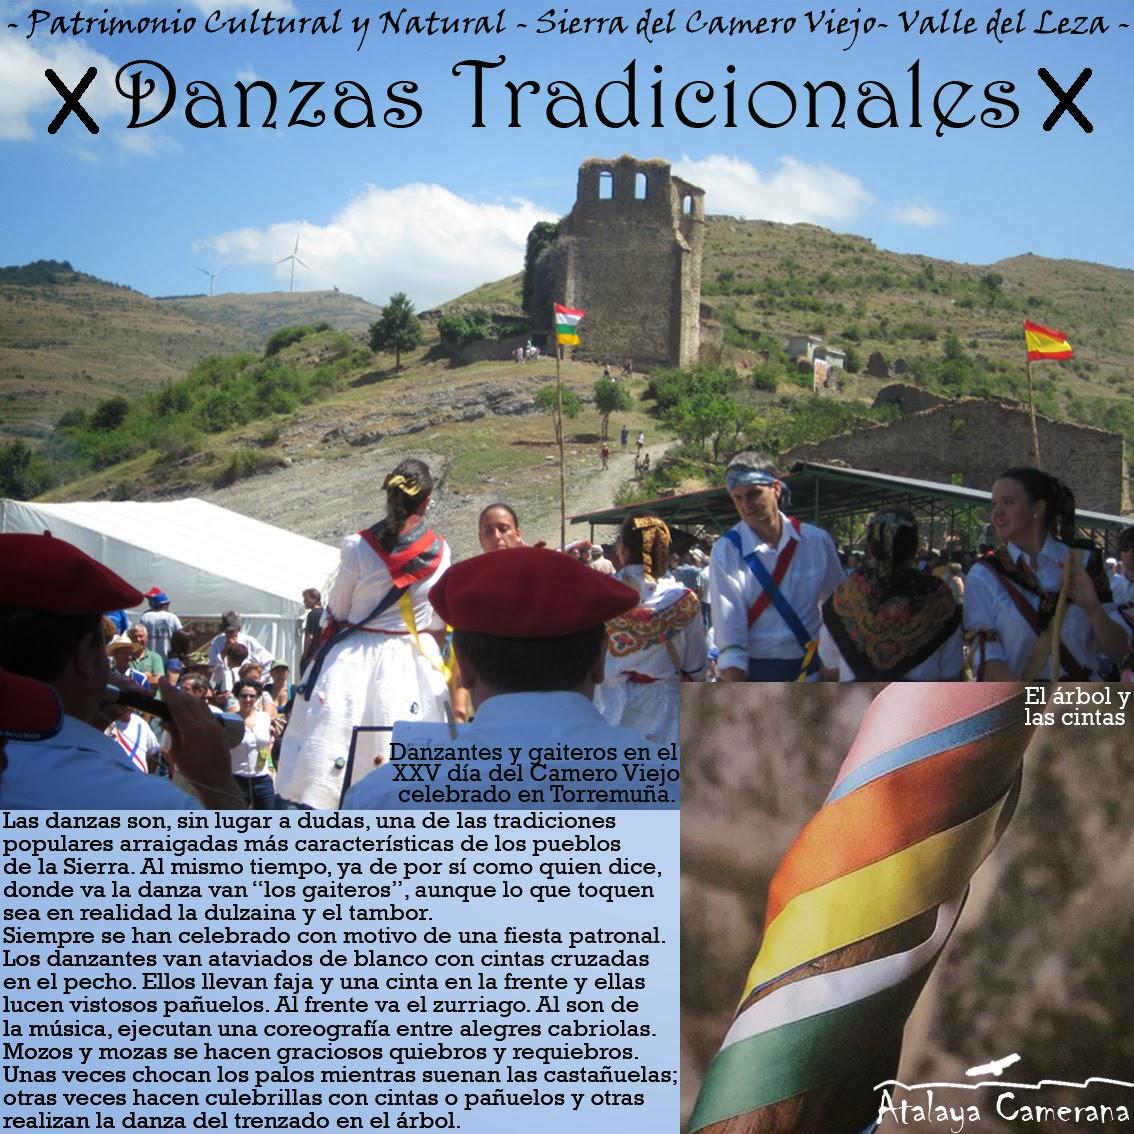 Sierra del Camero Viejo - Valle del Leza. Patrimonio Cultural y Natural. Danzas Tradicionales.